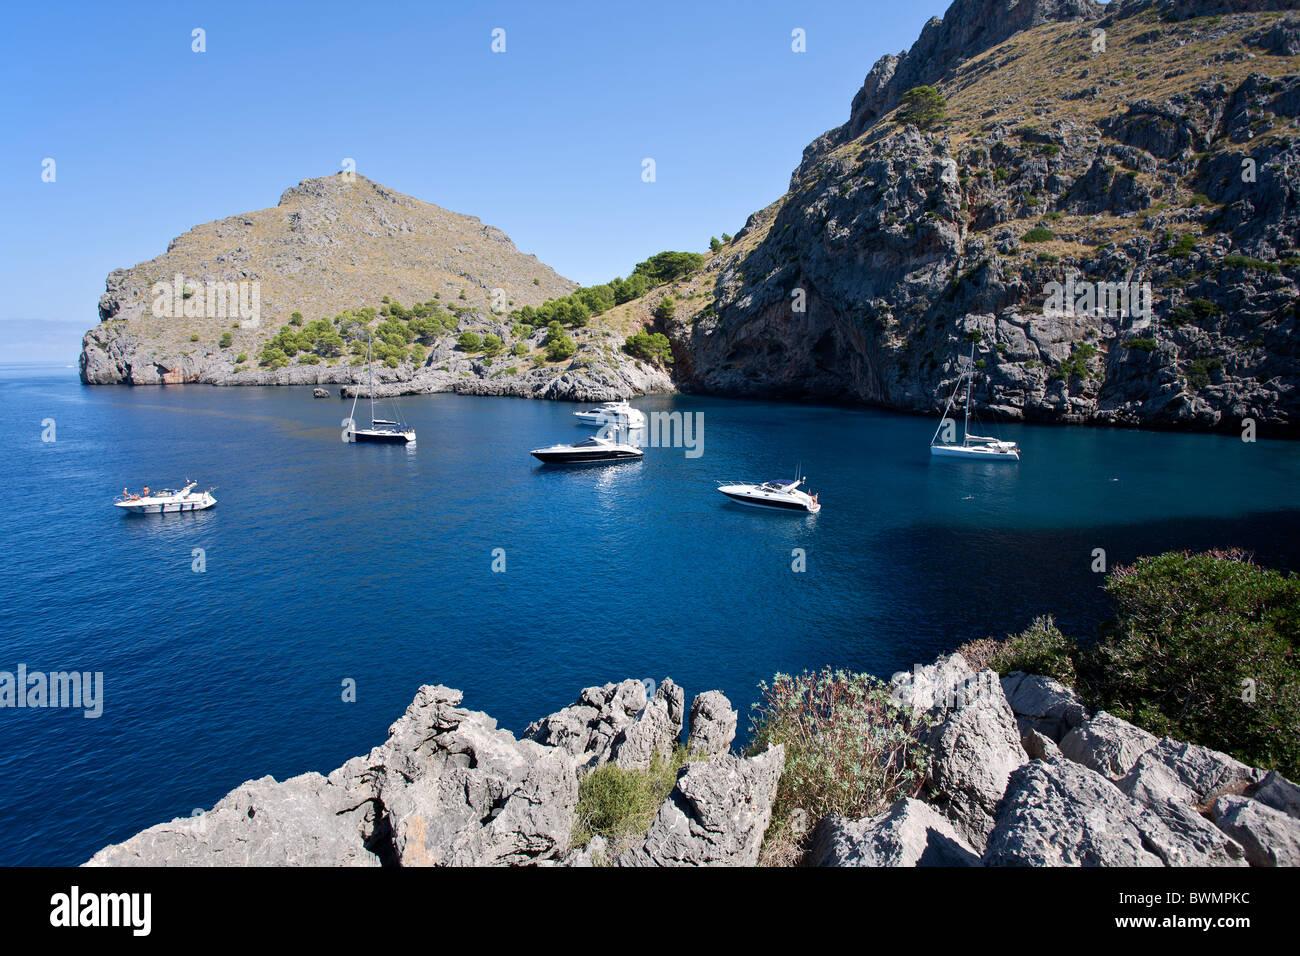 Yachts and sailing boats anchored. Sa Calobra. North of Mallorca Island. Spain - Stock Image